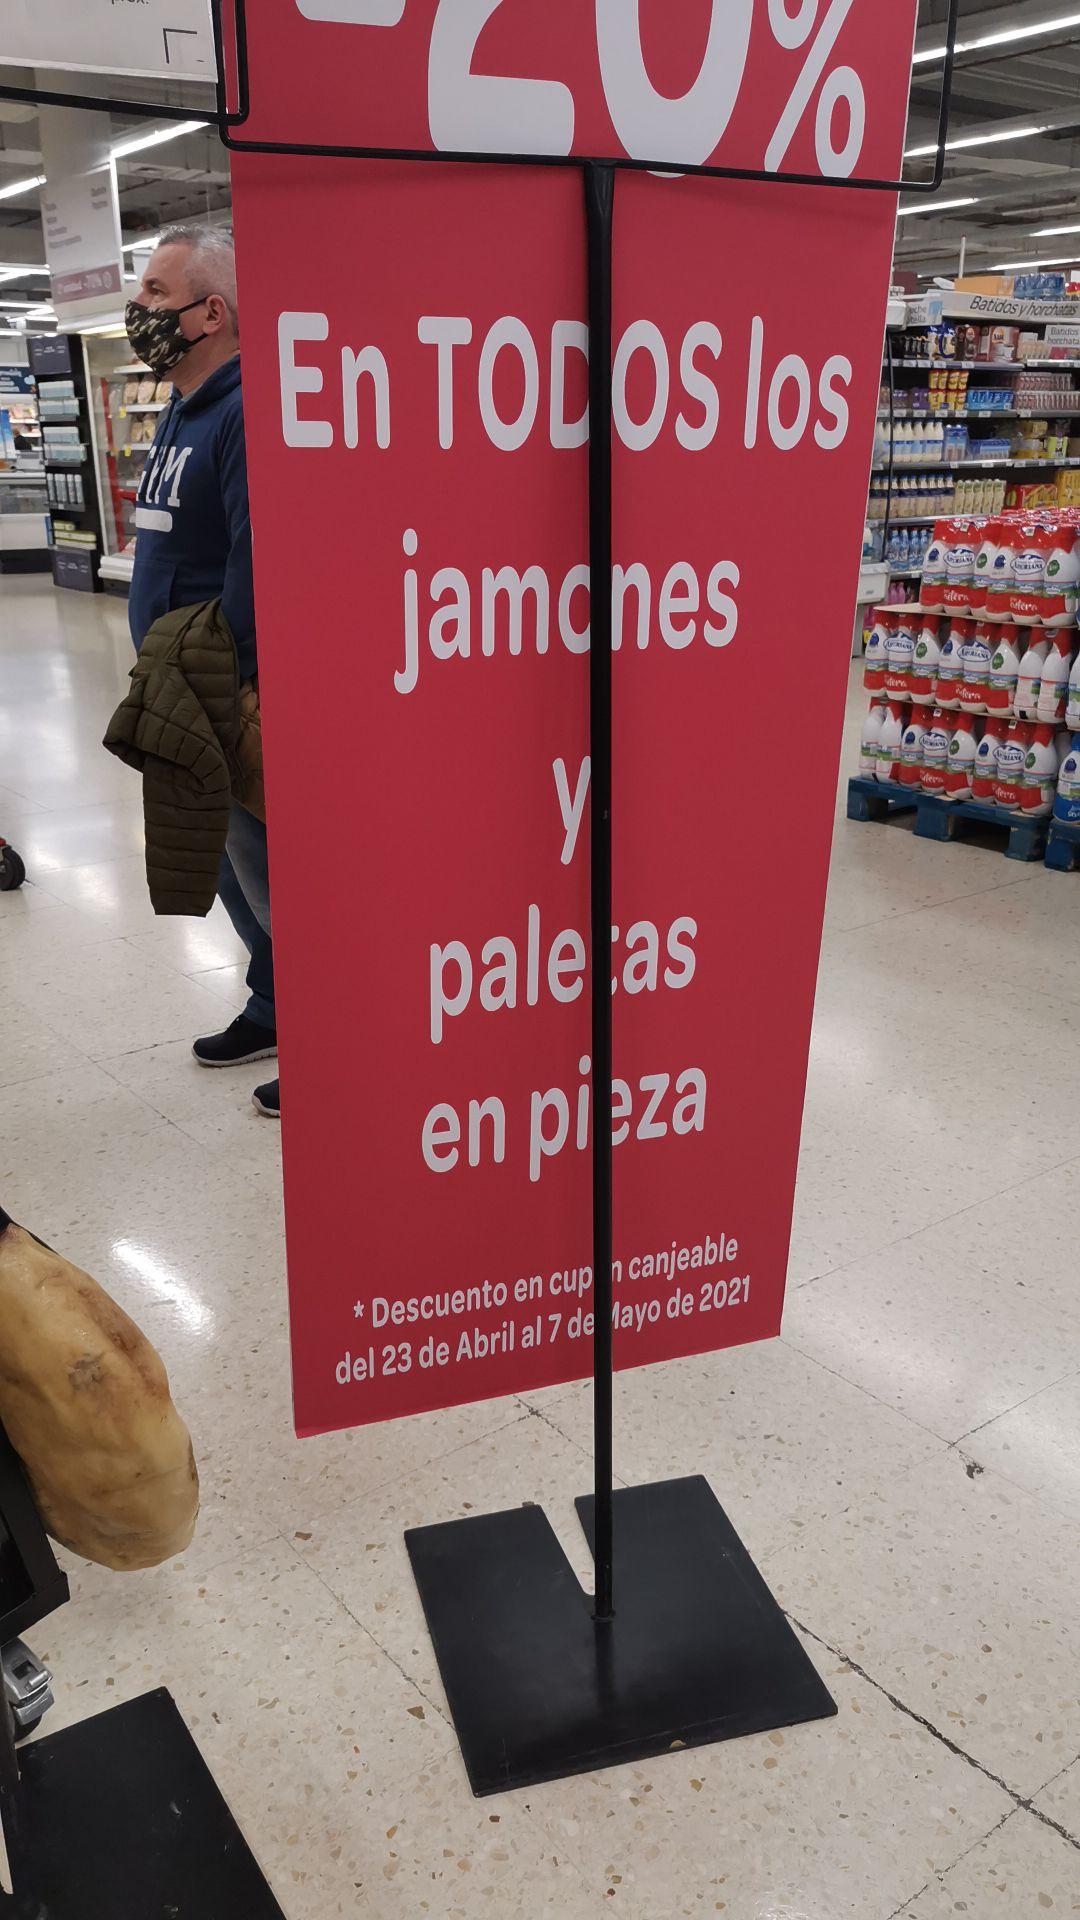 Carrefour 20% todos jamónes y paletas